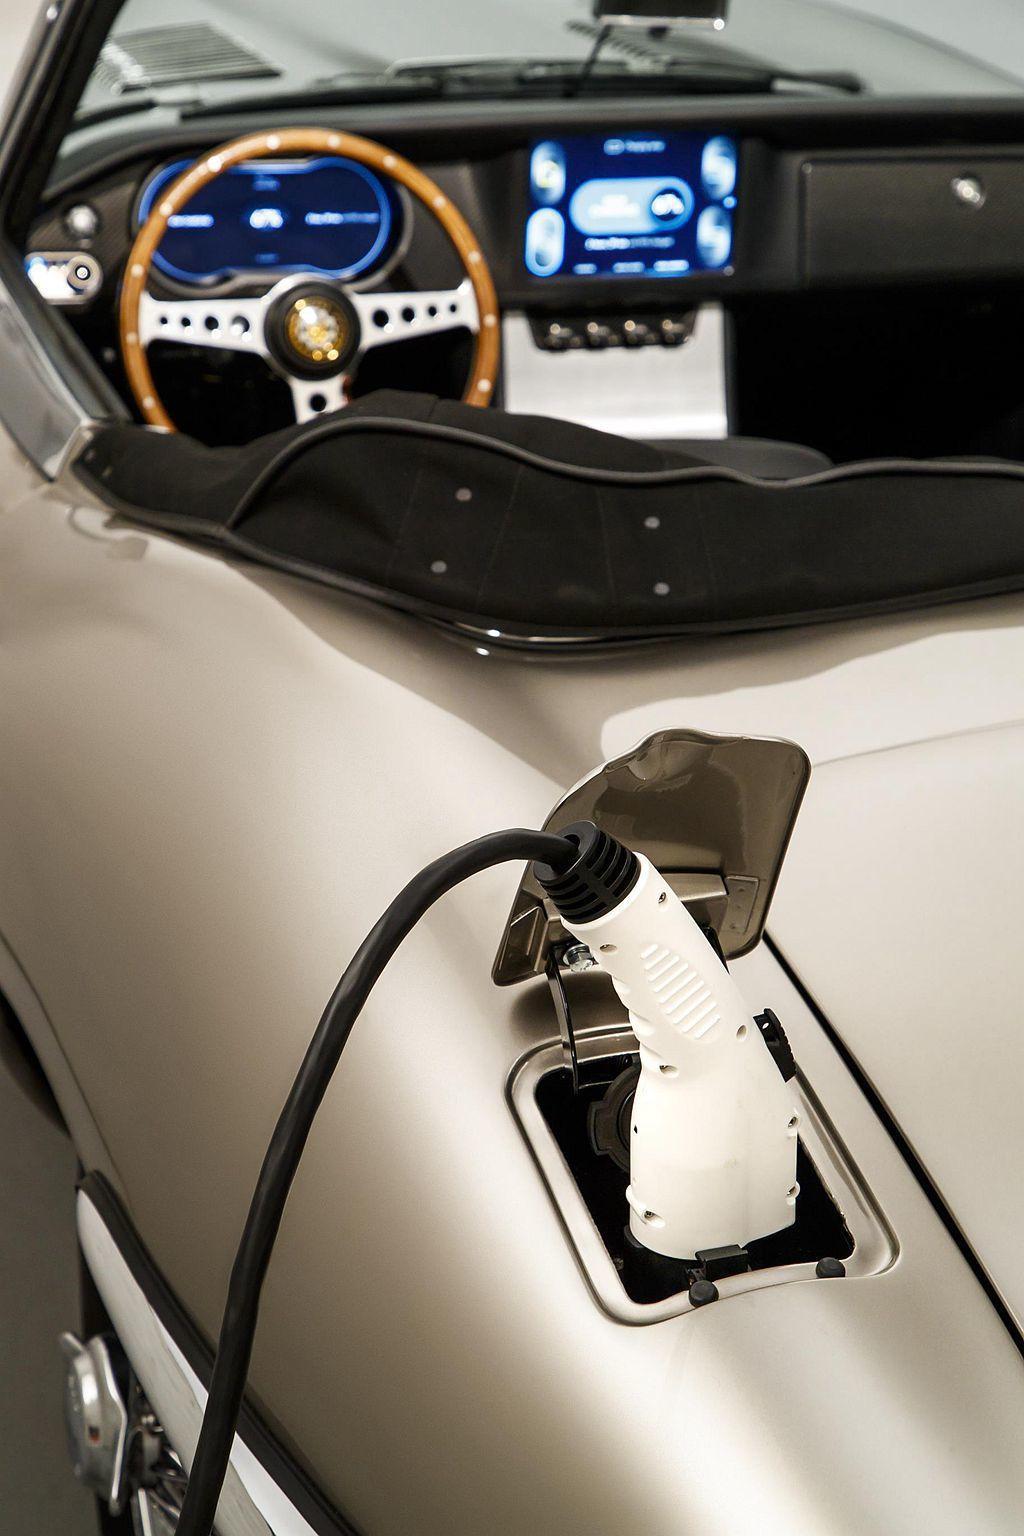 完美整合電能系統,連過往加油孔的位置都直接改為充電插槽。 圖/Jaguar提供